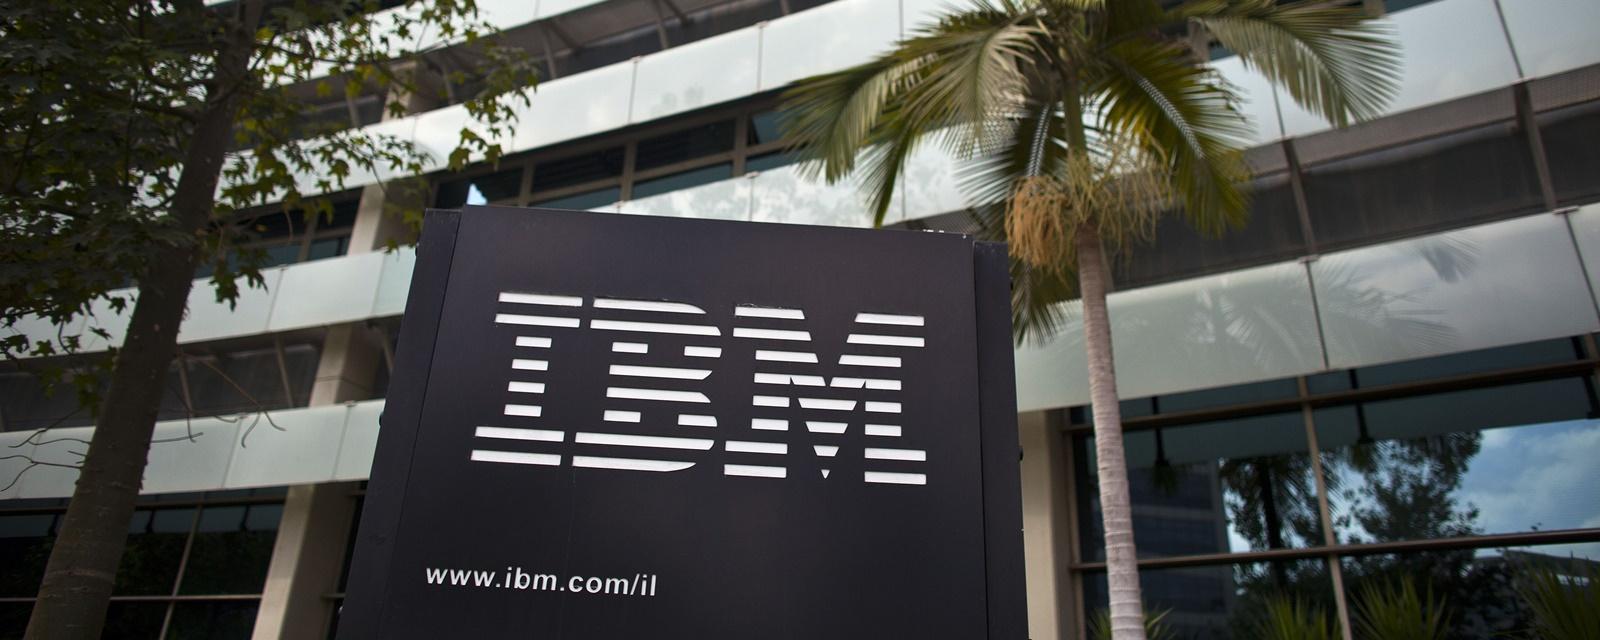 IBM está convocando trabalhadores do home office de volta para o escritório